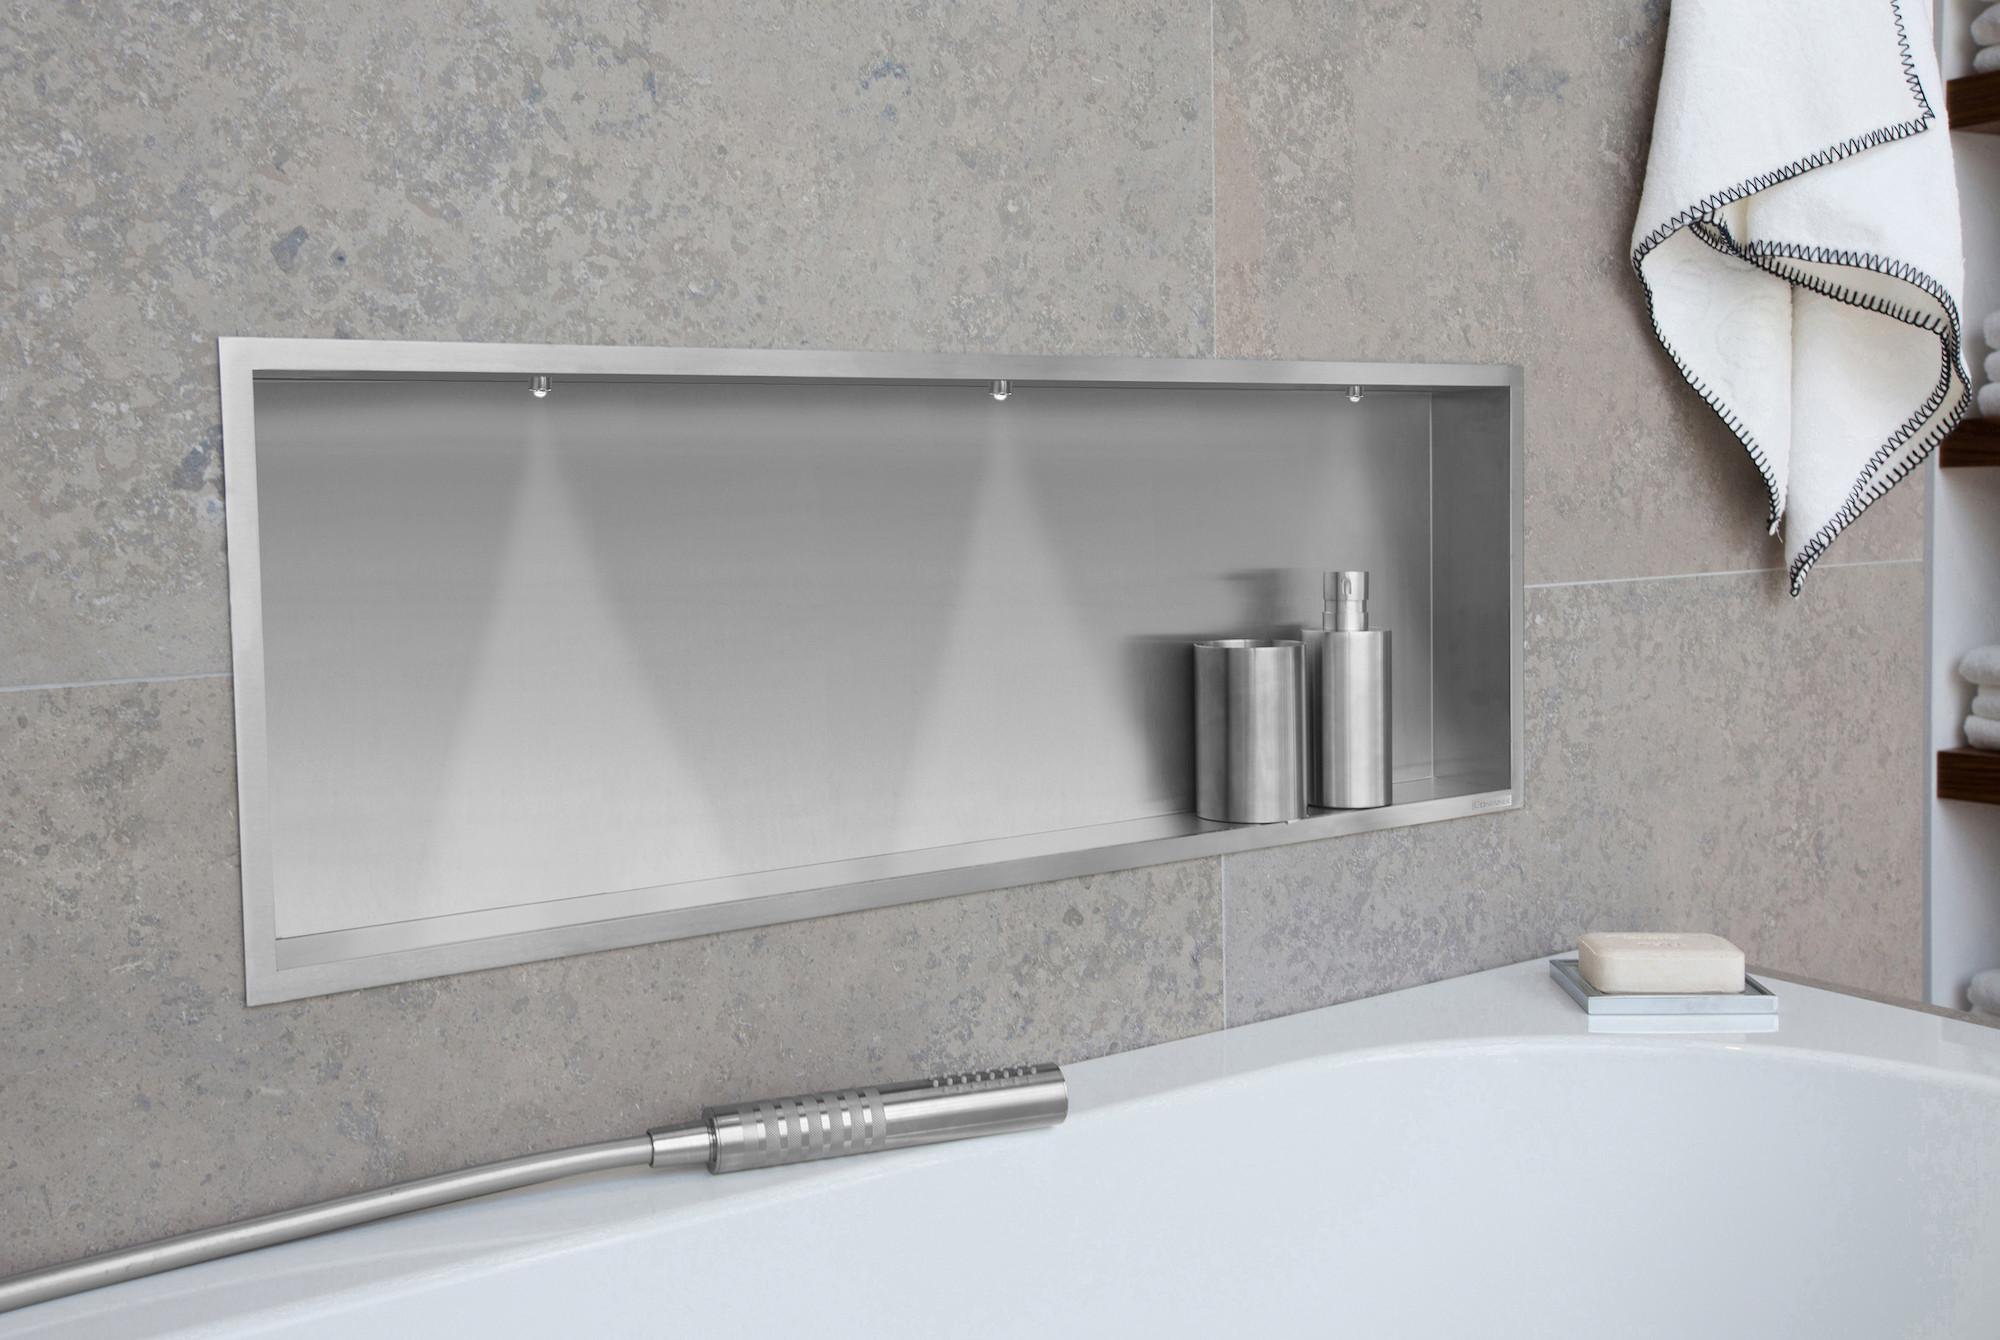 Illuminazione Bagno A Parete container box nicchia parete cm.90x30 xp.10 acciaio inox